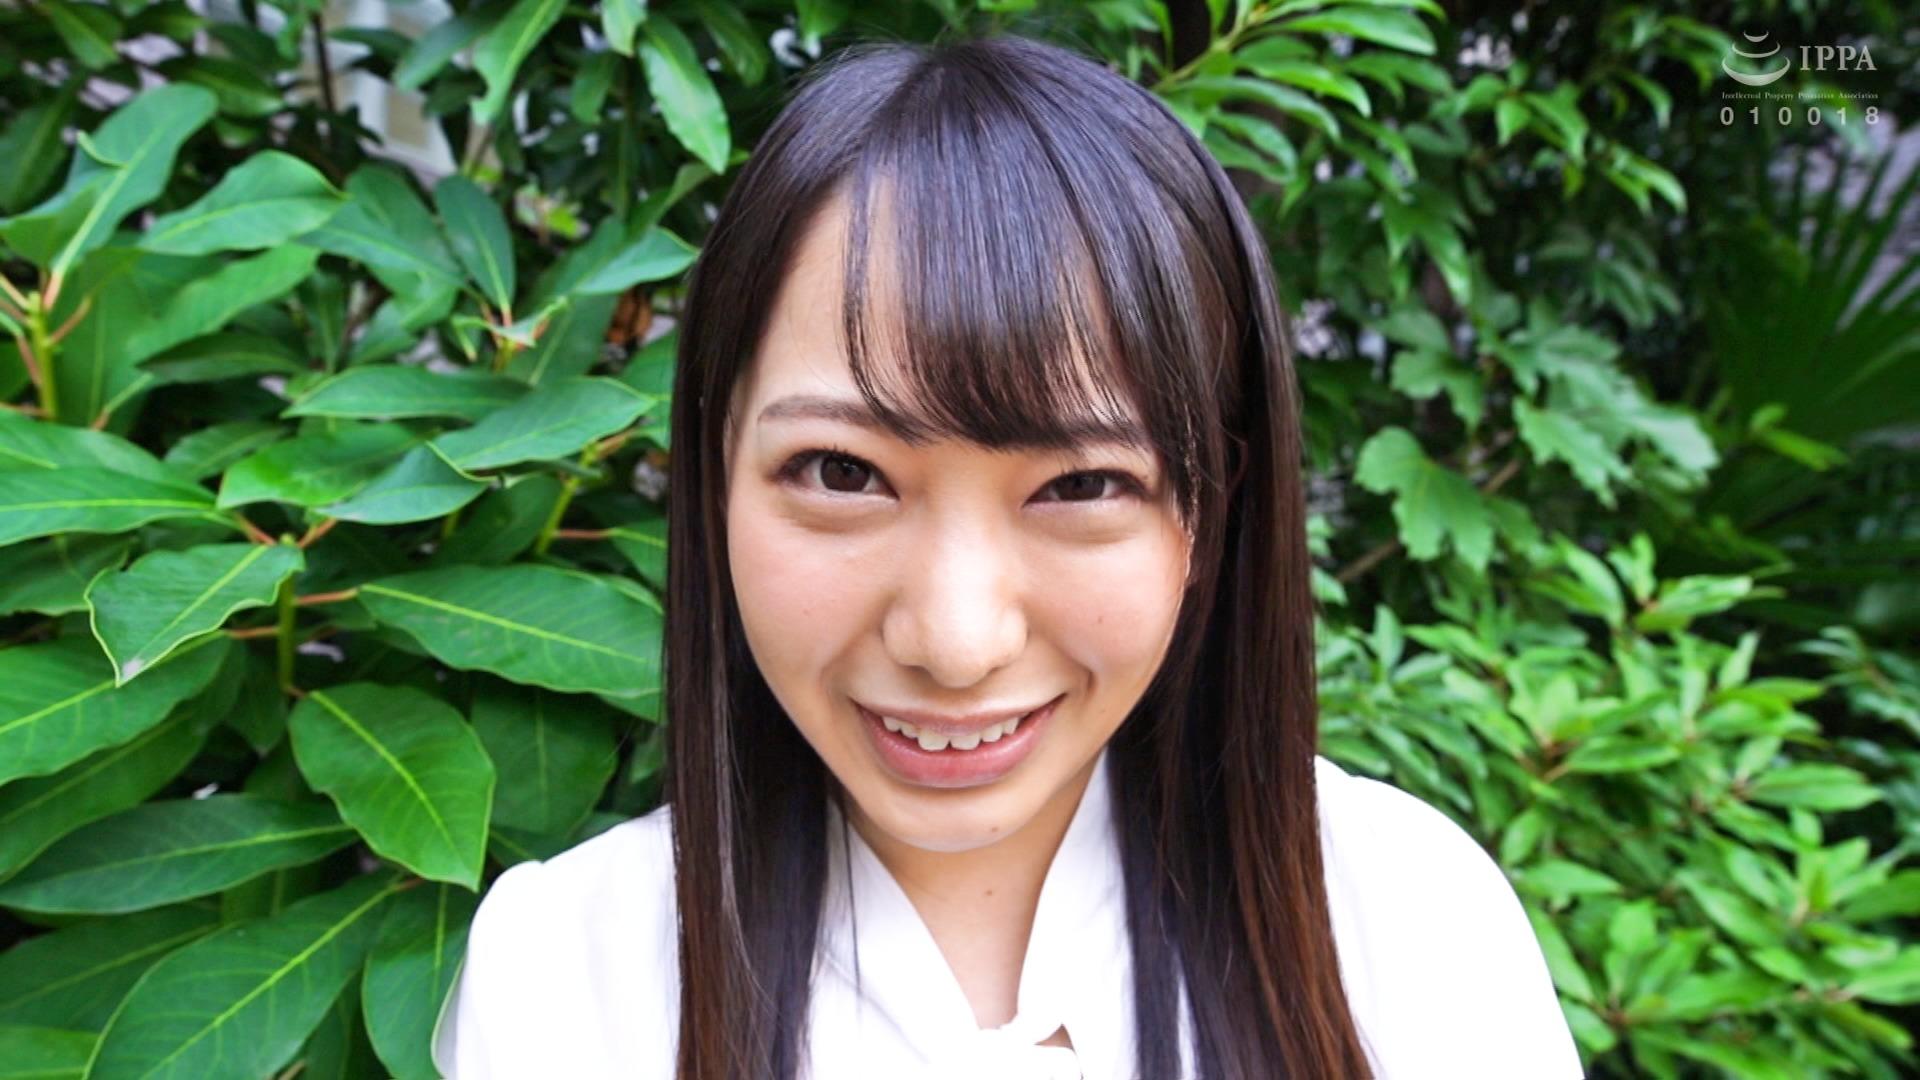 【完全主観】方言女子 北九州弁 弥生みづきのサンプル動画